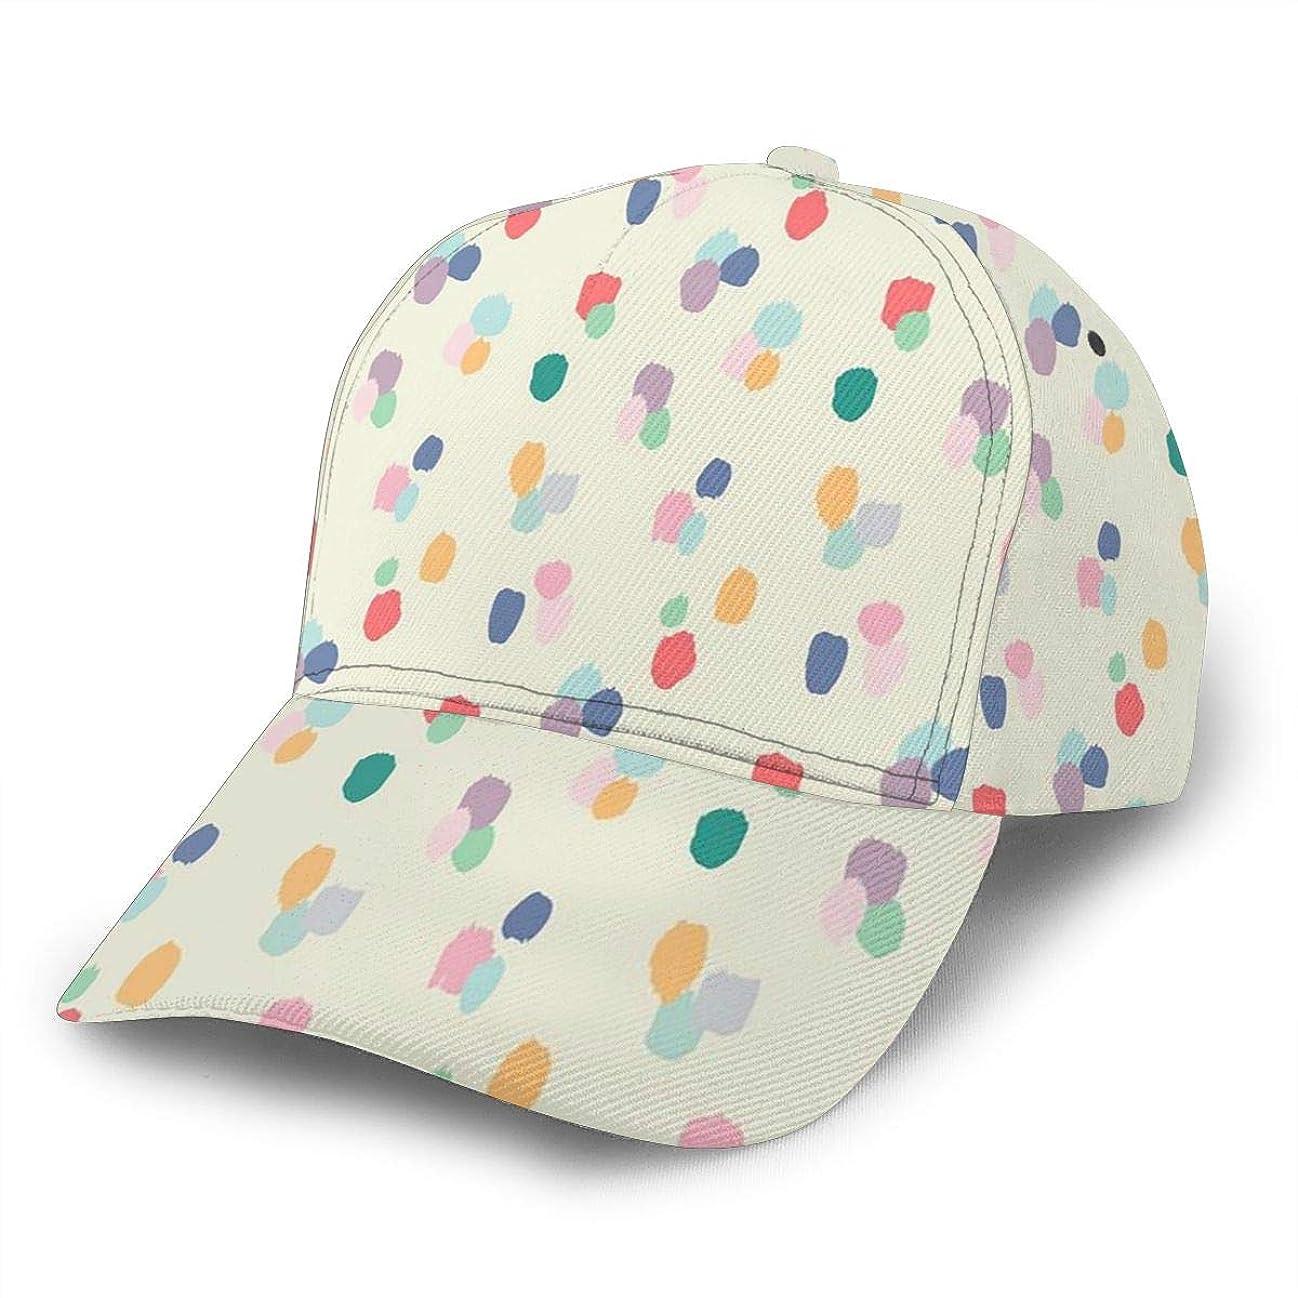 伝統侵入カトリック教徒カラフルなポイント 帽子 人気 キャップ 湾曲したエッジ 野球帽 日焼け止め ピークキャップ ハンチング帽 おしゃれ アウトドア スポーツ ソフトボールキャップ 調整可能 男女兼用